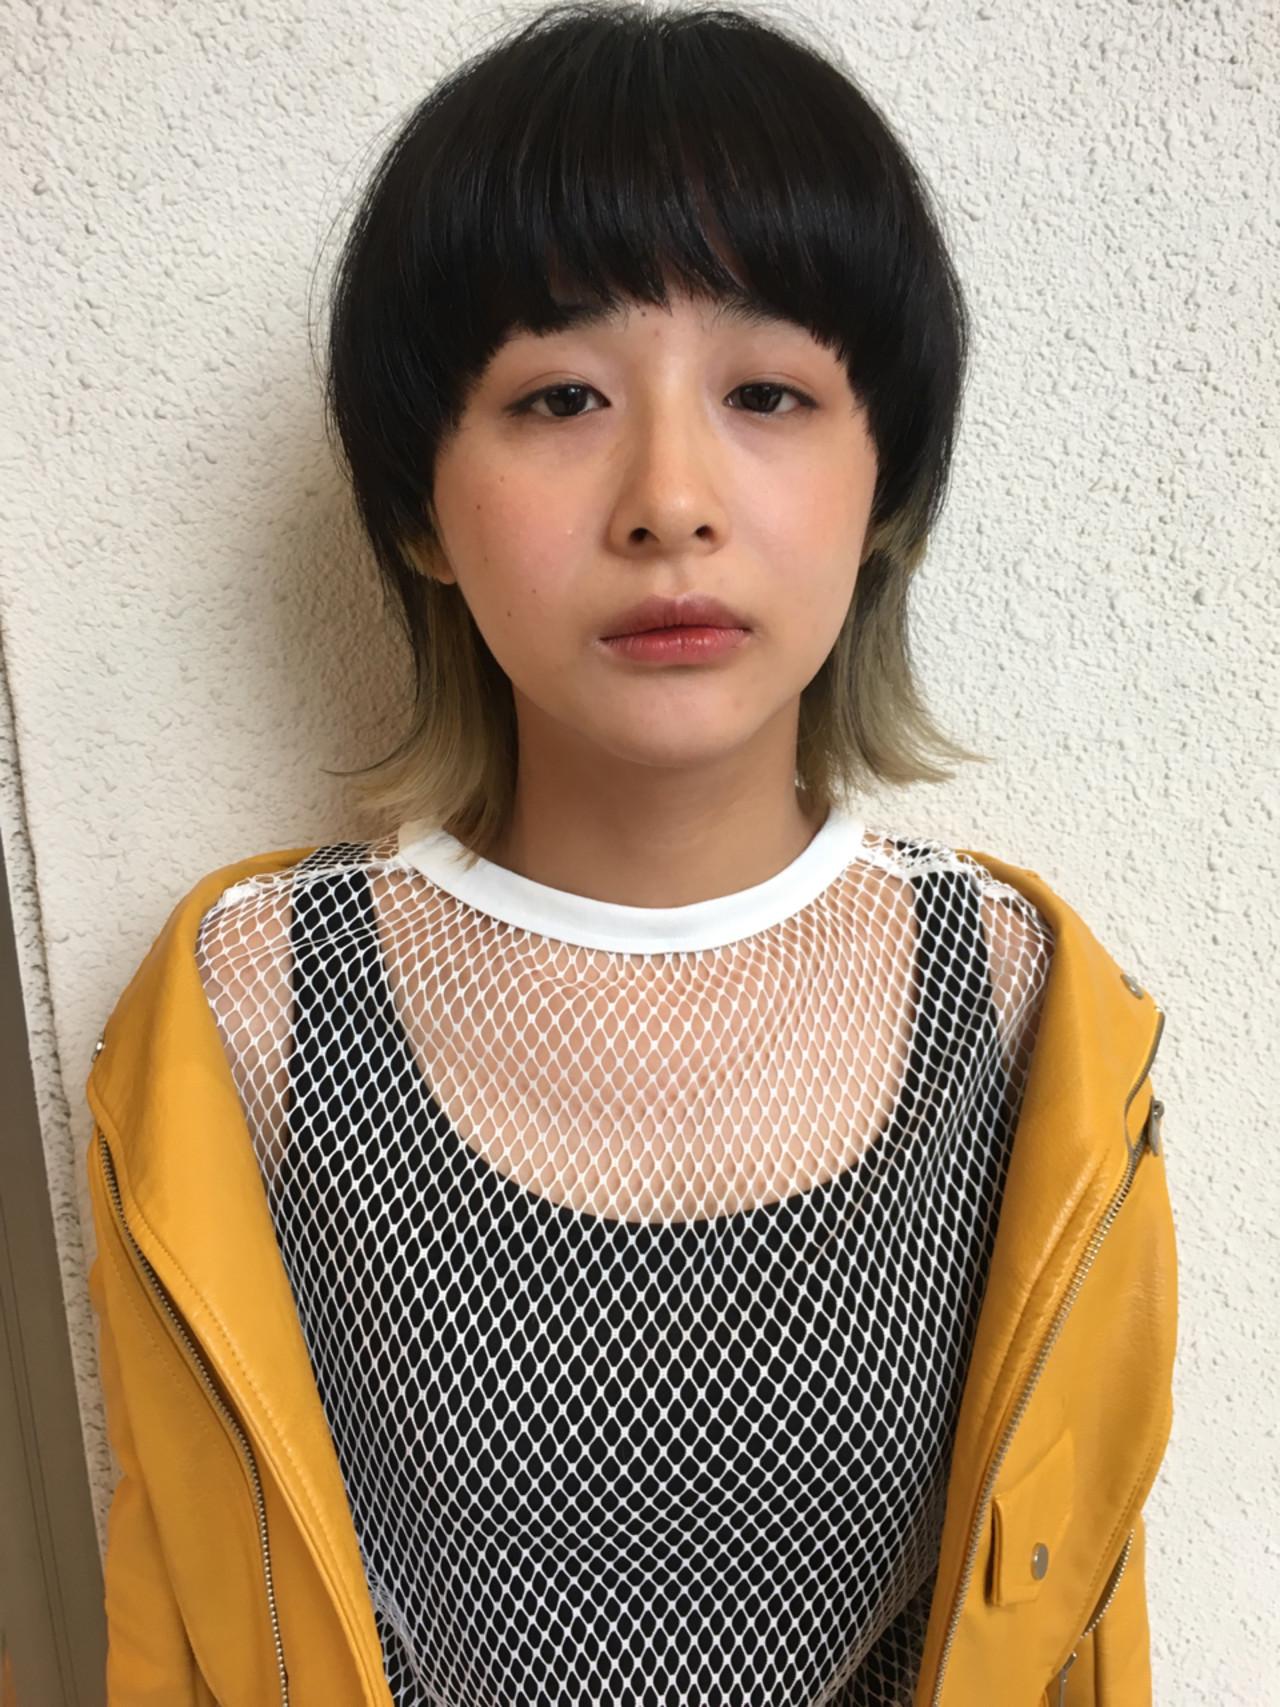 ぱっつん×マッシュウルフで小顔効果♪ 元橋啓太 | snob